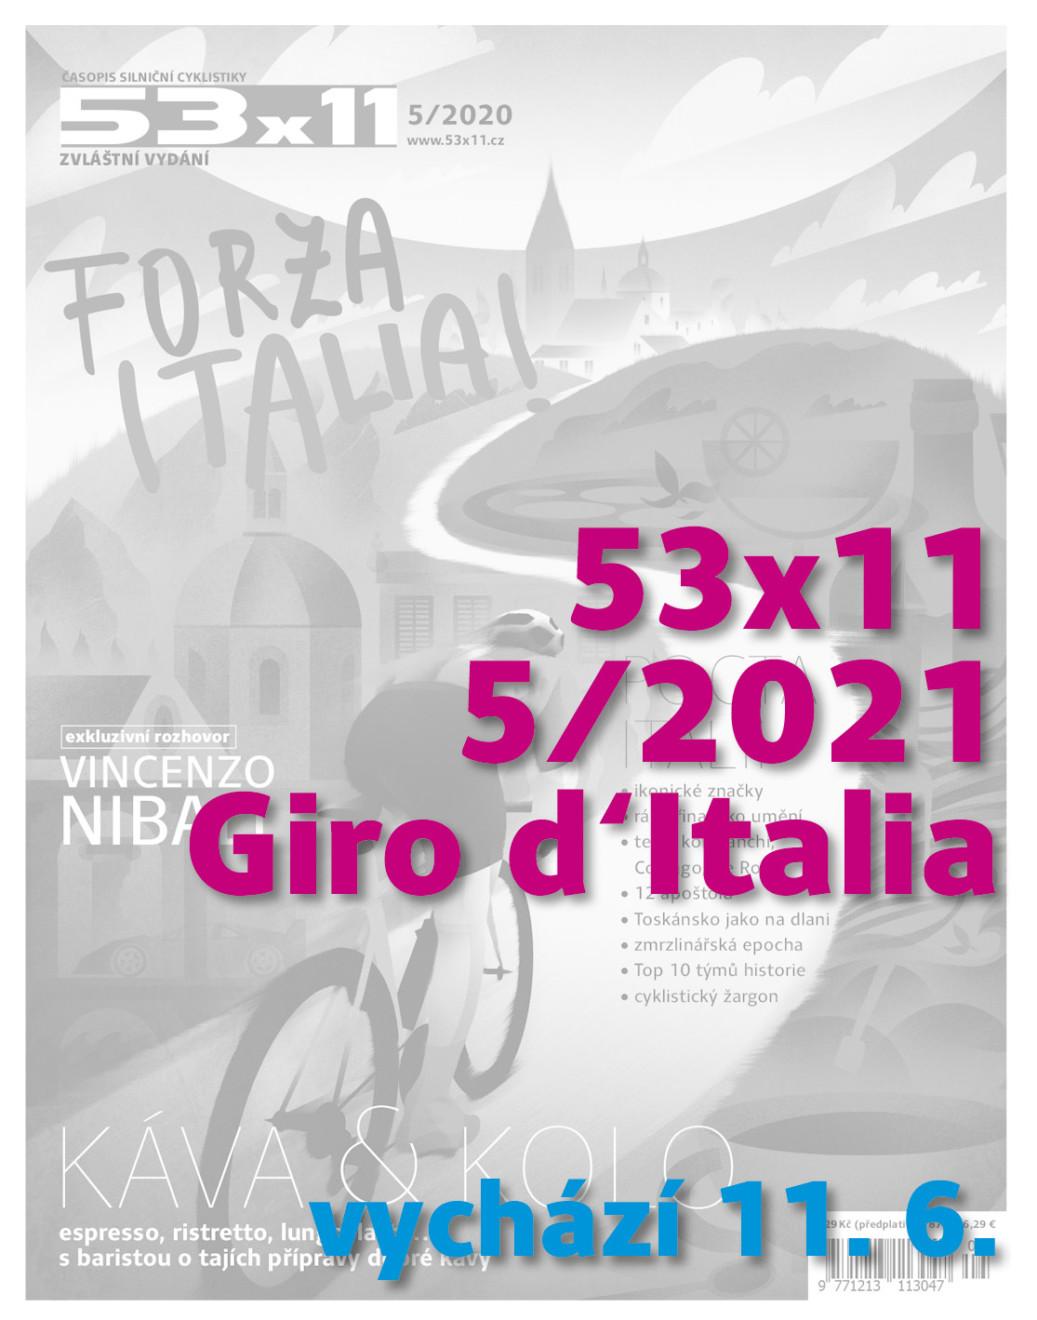 Giro DItalia 2021